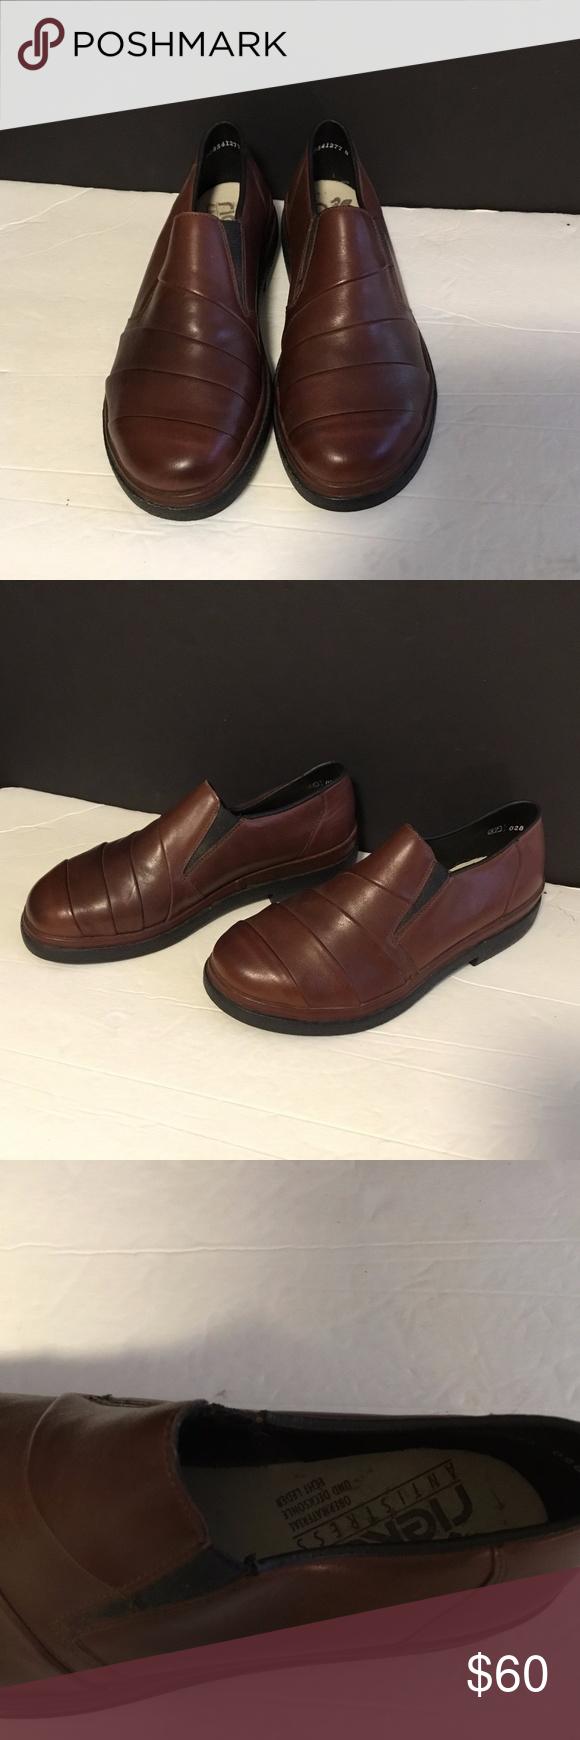 rieker celia 66 walking shoes